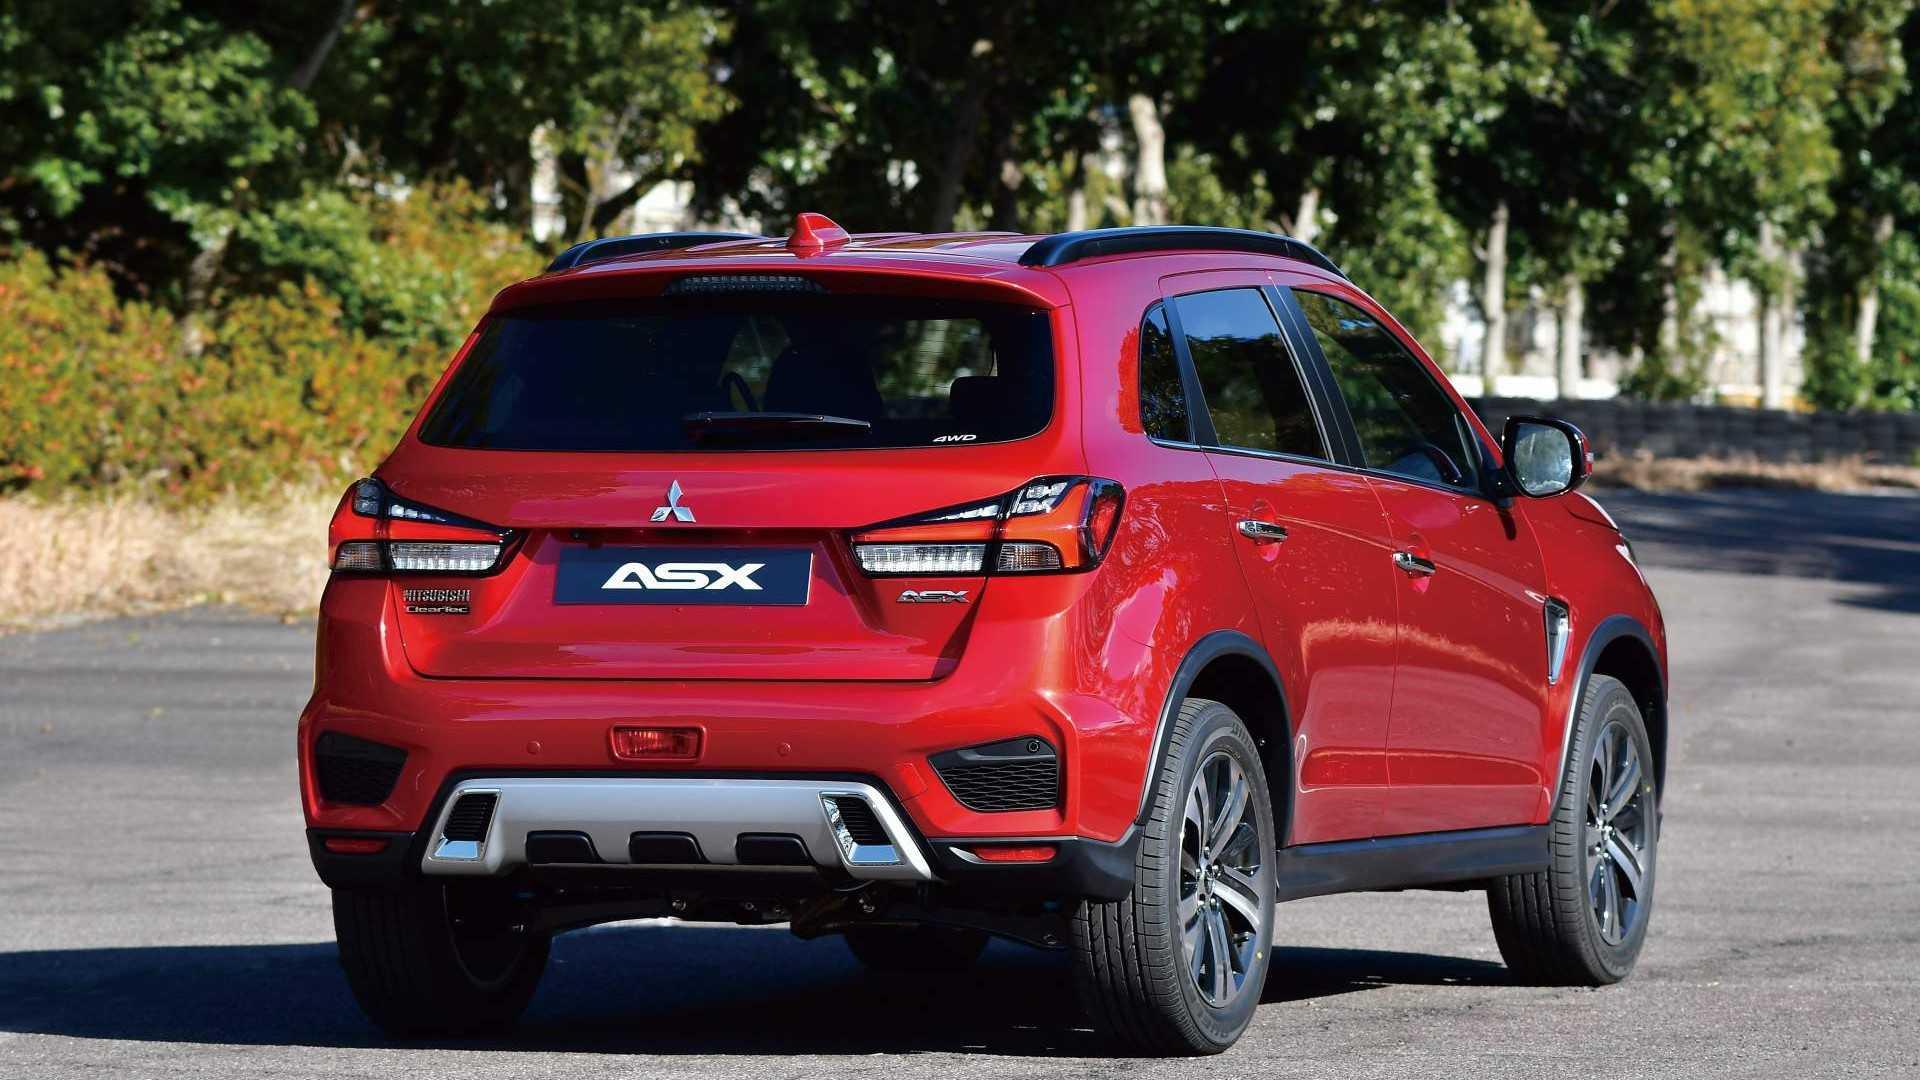 Nova geração do Mitsubishi ASX é apresentada nesta terça-feira, 12. SUV agora adota a identidade da marca e apresenta cabine atualizada.